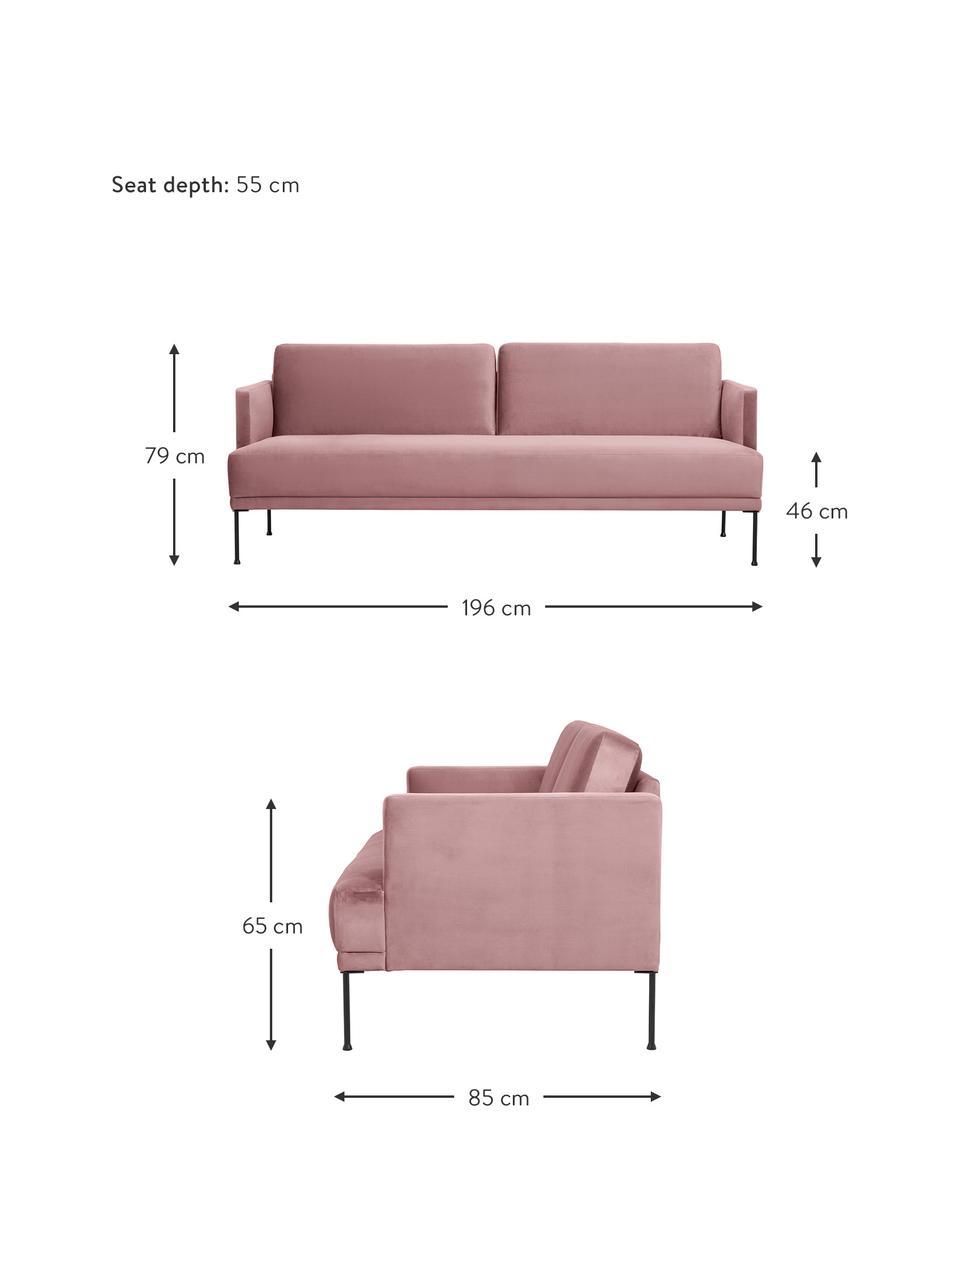 Fluwelen bank Fluente (3-zits) in roze met metalen poten, Bekleding: fluweel (hoogwaardig poly, Frame: massief grenenhout, Poten: gepoedercoat metaal, Fluweel roze, B 196 x D 85 cm